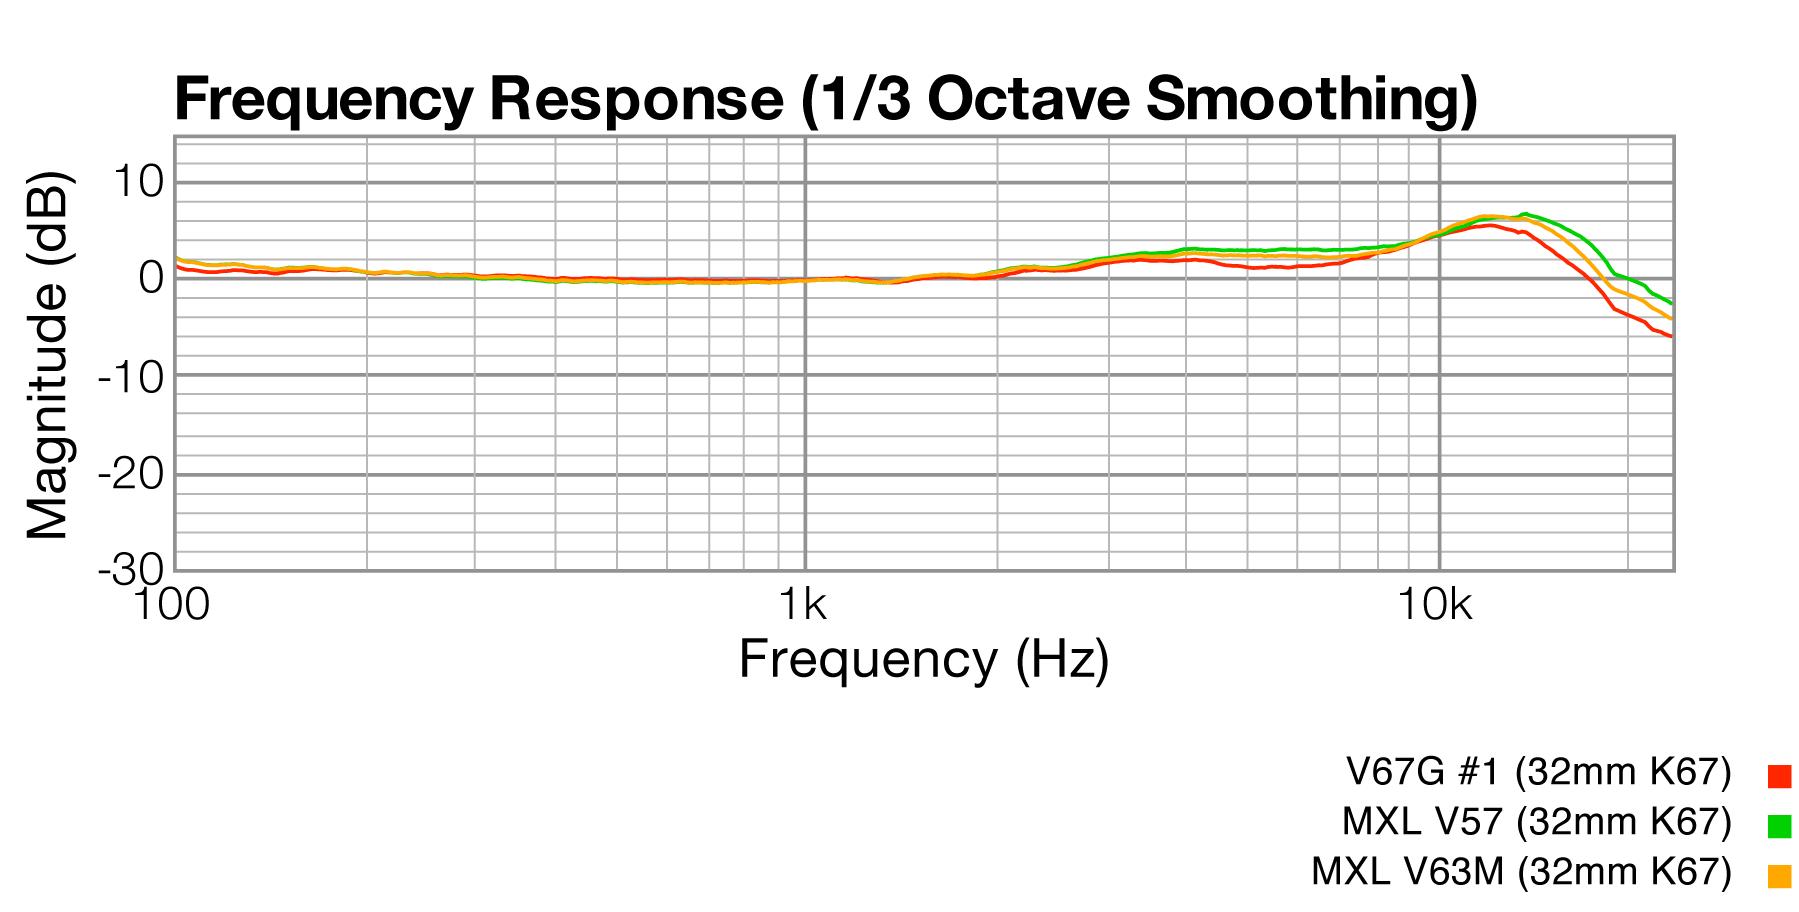 Frequency Response, MXL V67G vs. MXL V57 vs. MXL V63M